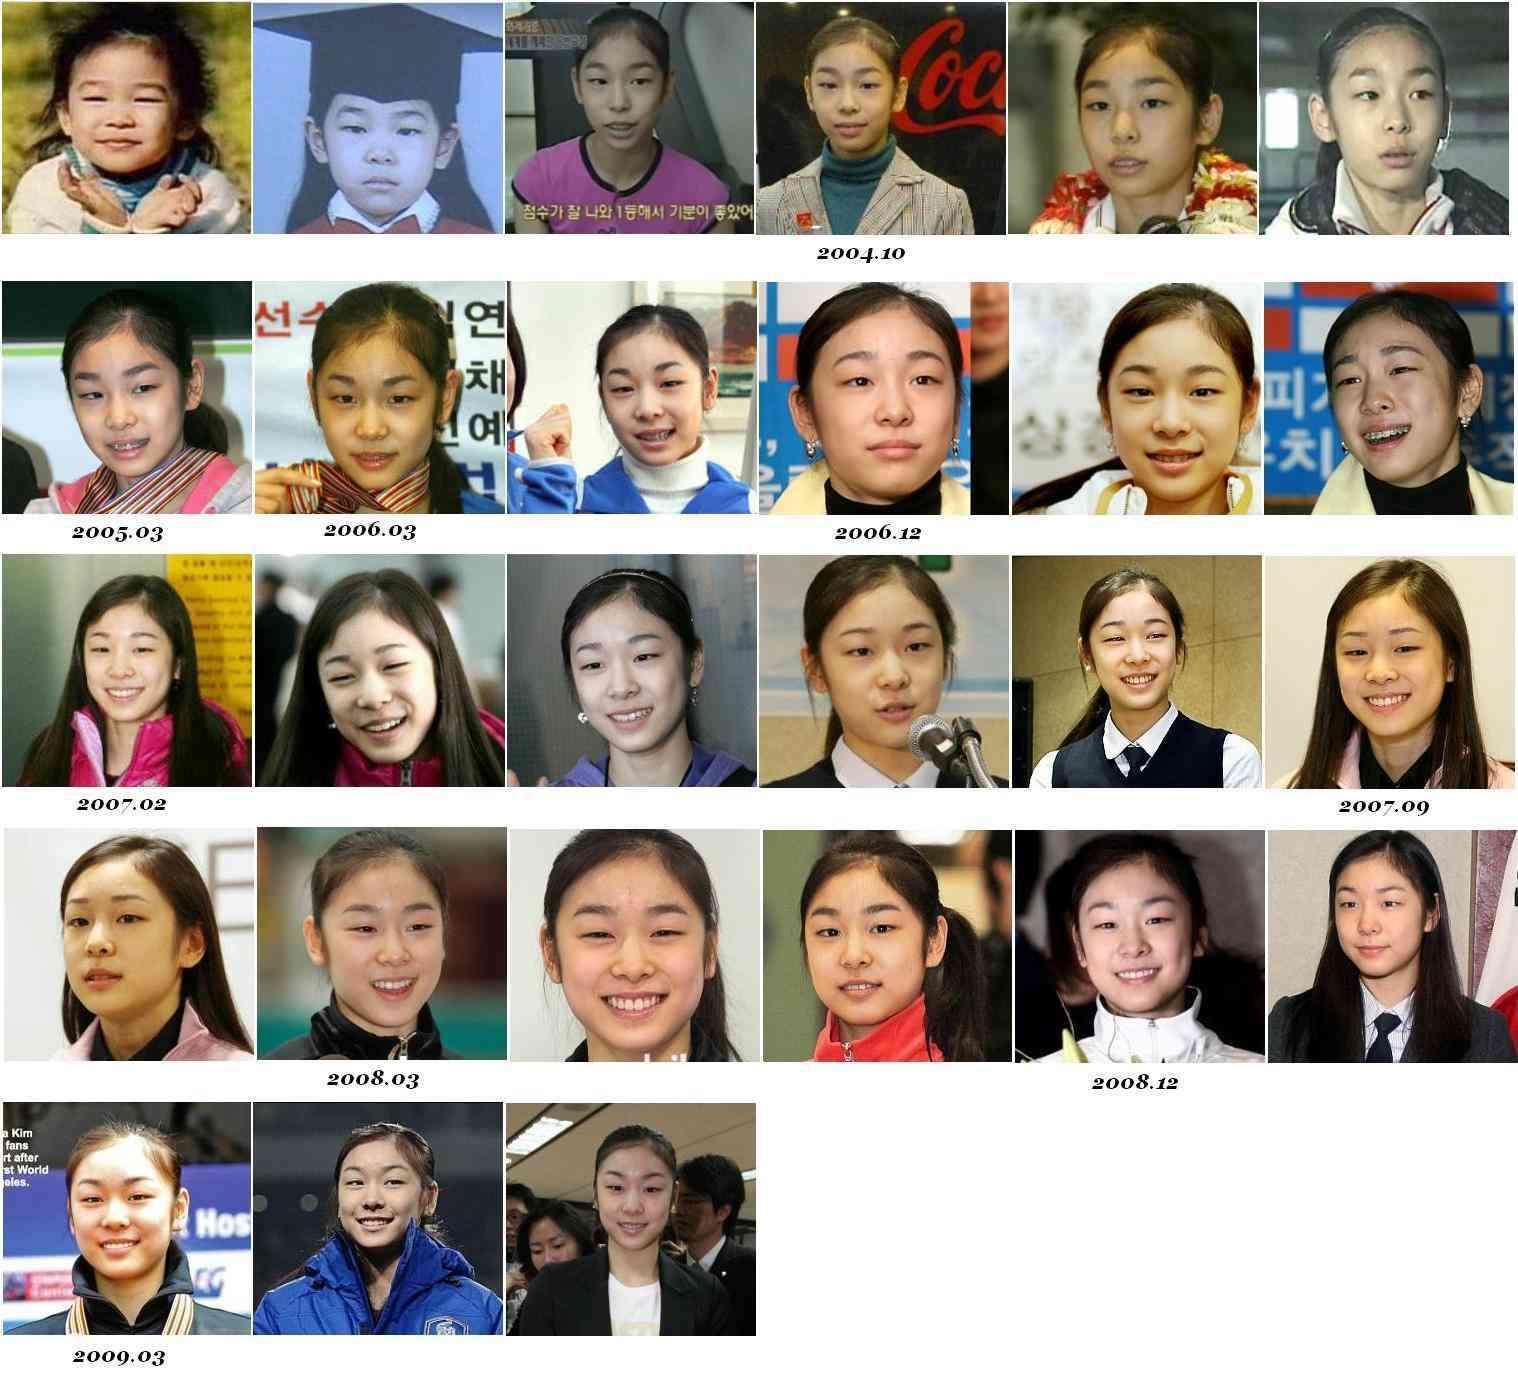 キム・ヨナの顔がまた進化してる件